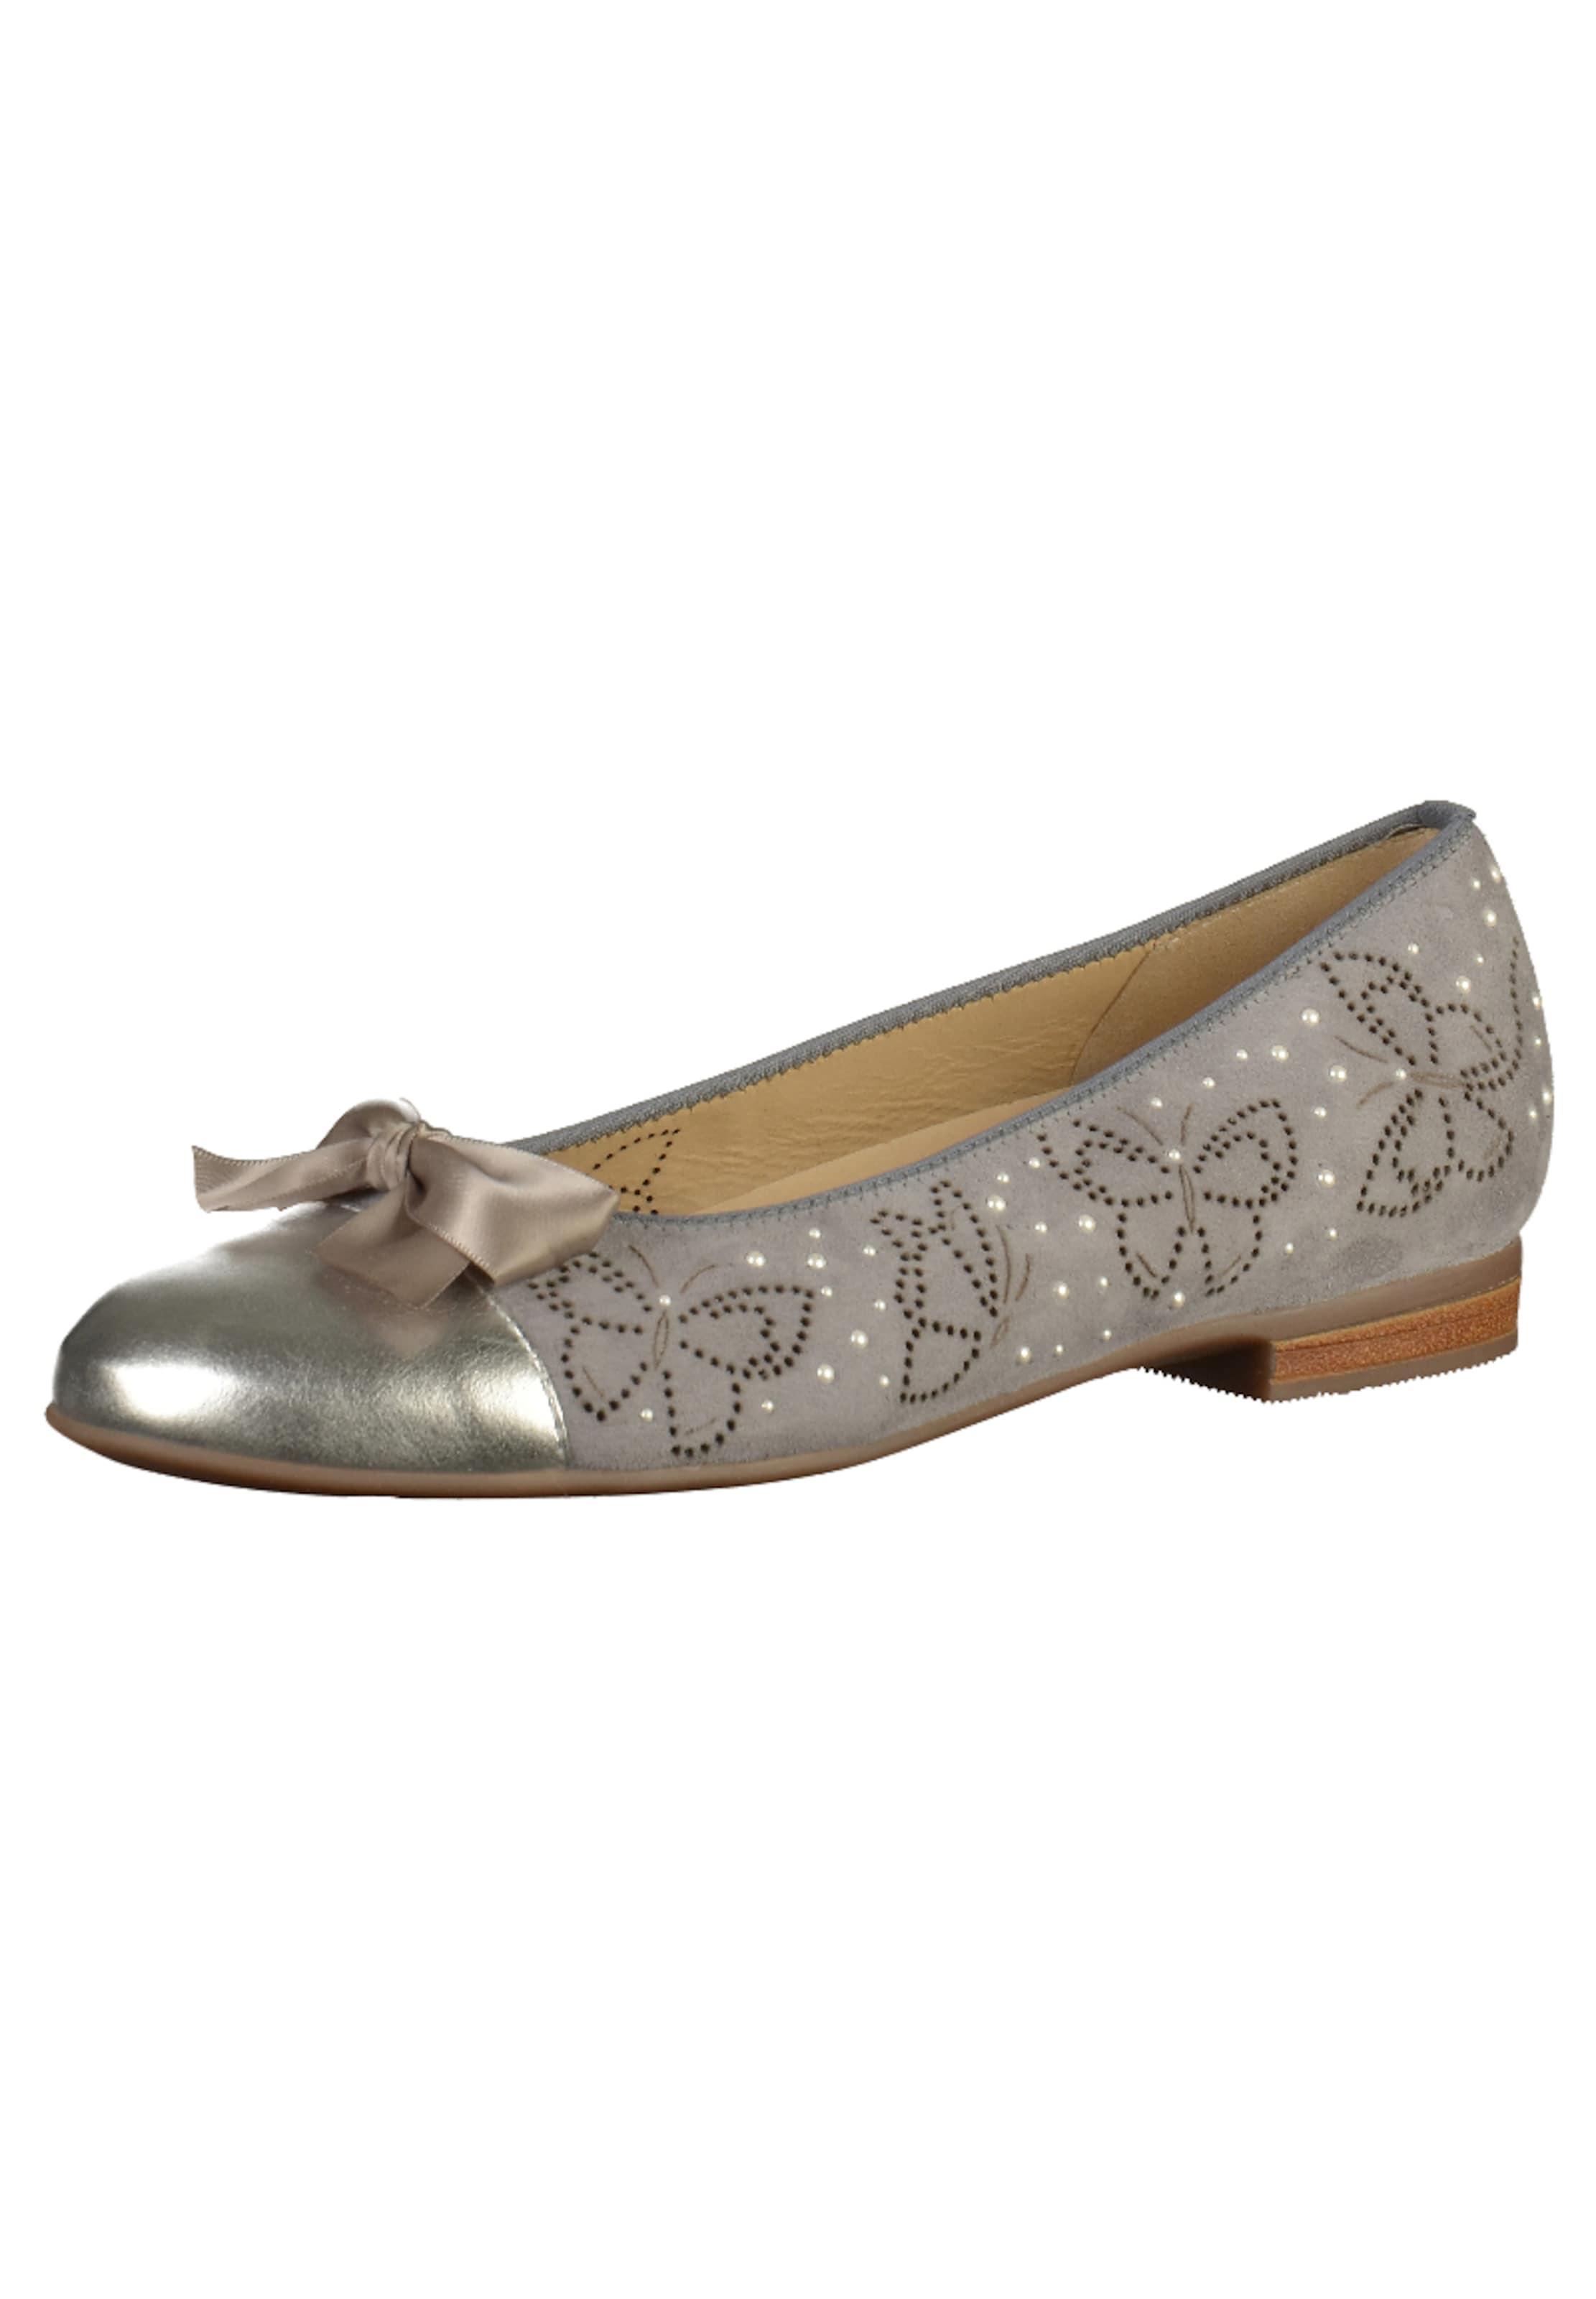 ARA Ballerinas Günstige und langlebige Schuhe